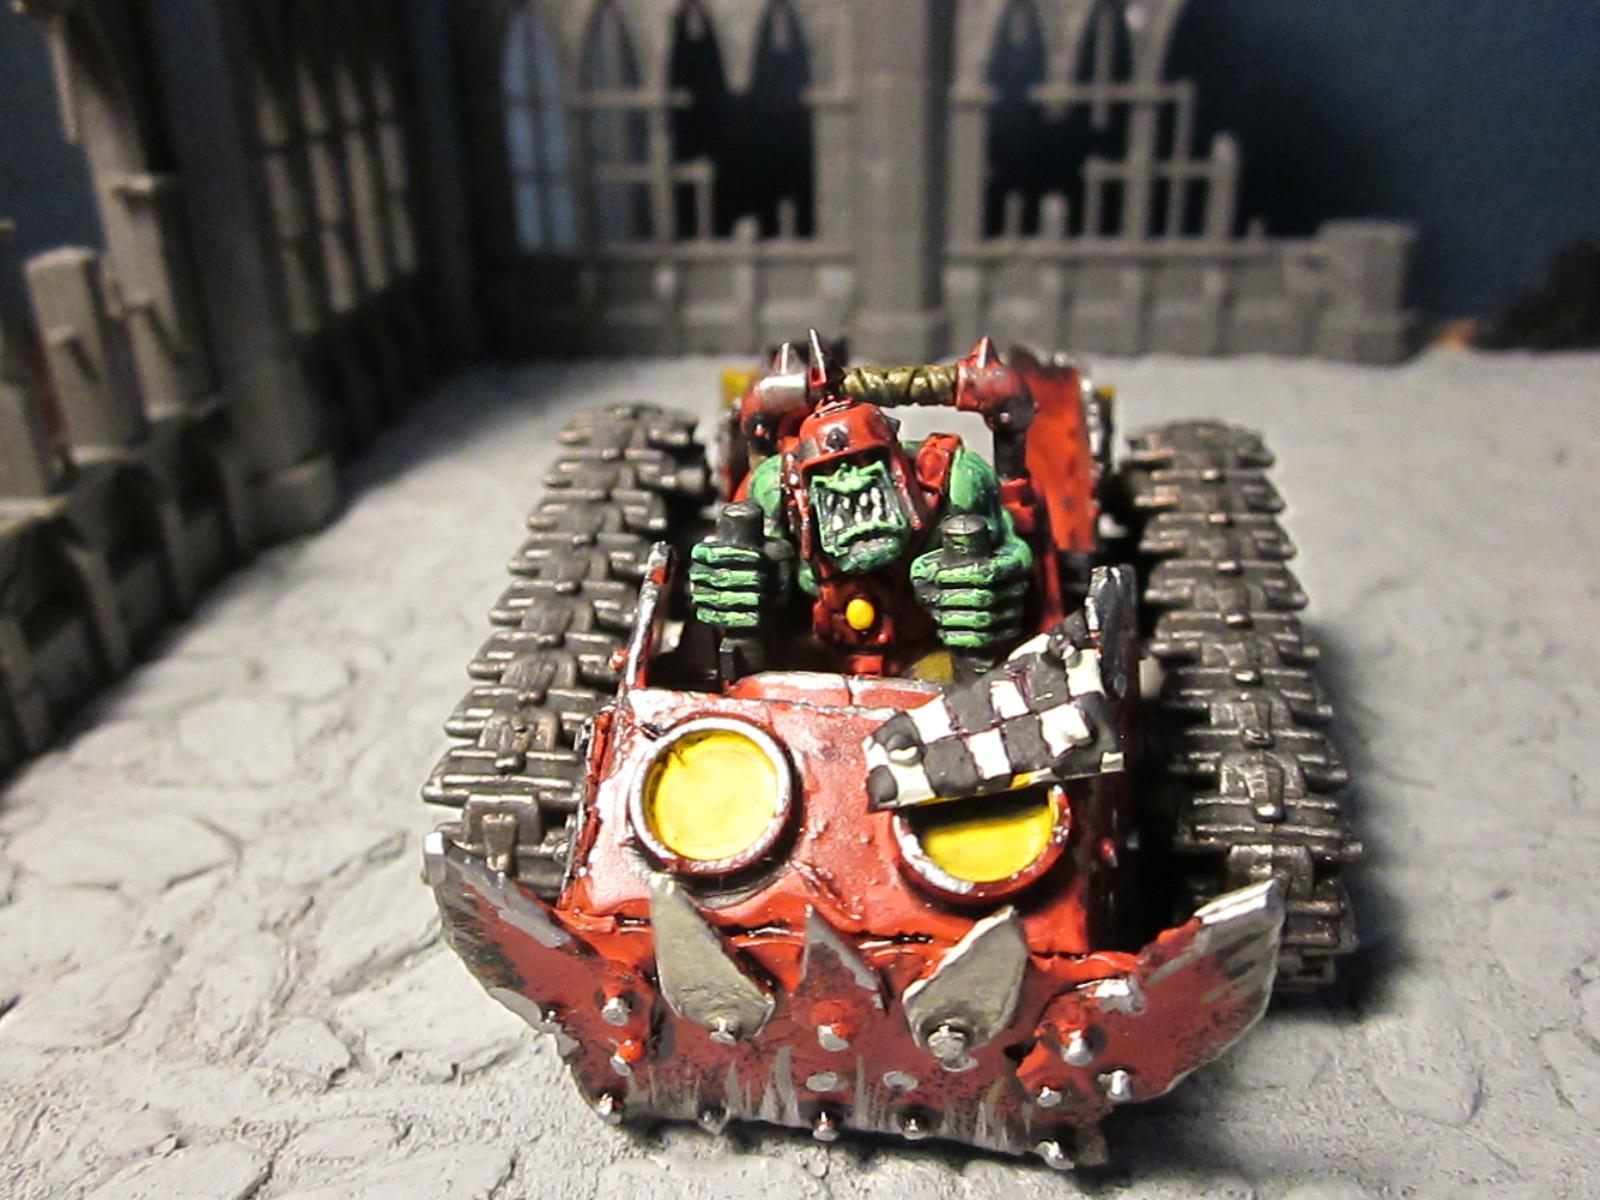 Buggy, Warbuggy, Wartrakk